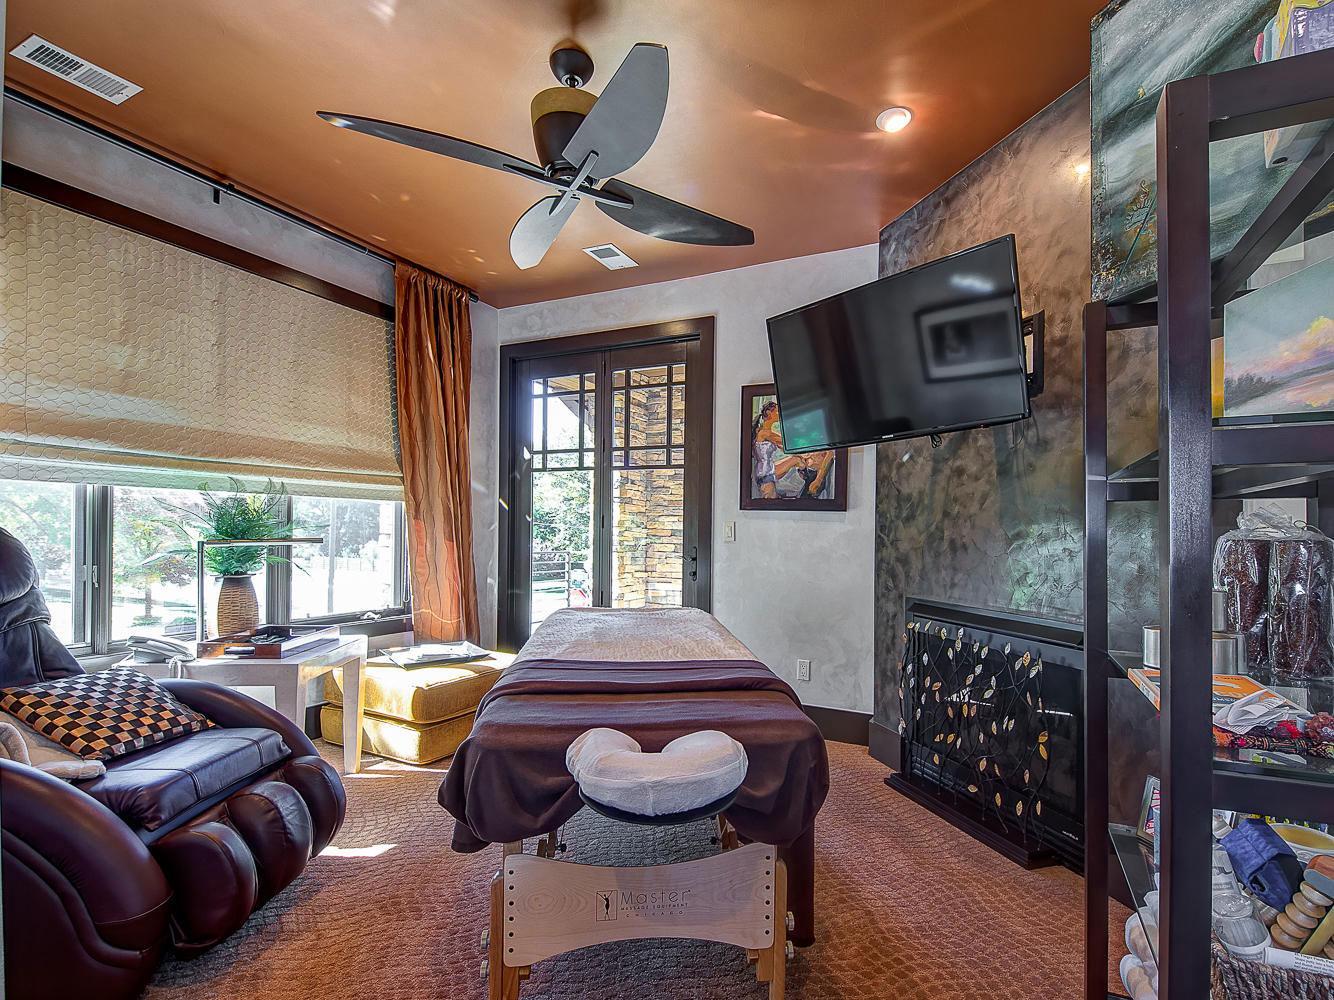 Elegant och modernt hus med rustik exteriör 37 Elegant och modernt hus med rustik exteriör